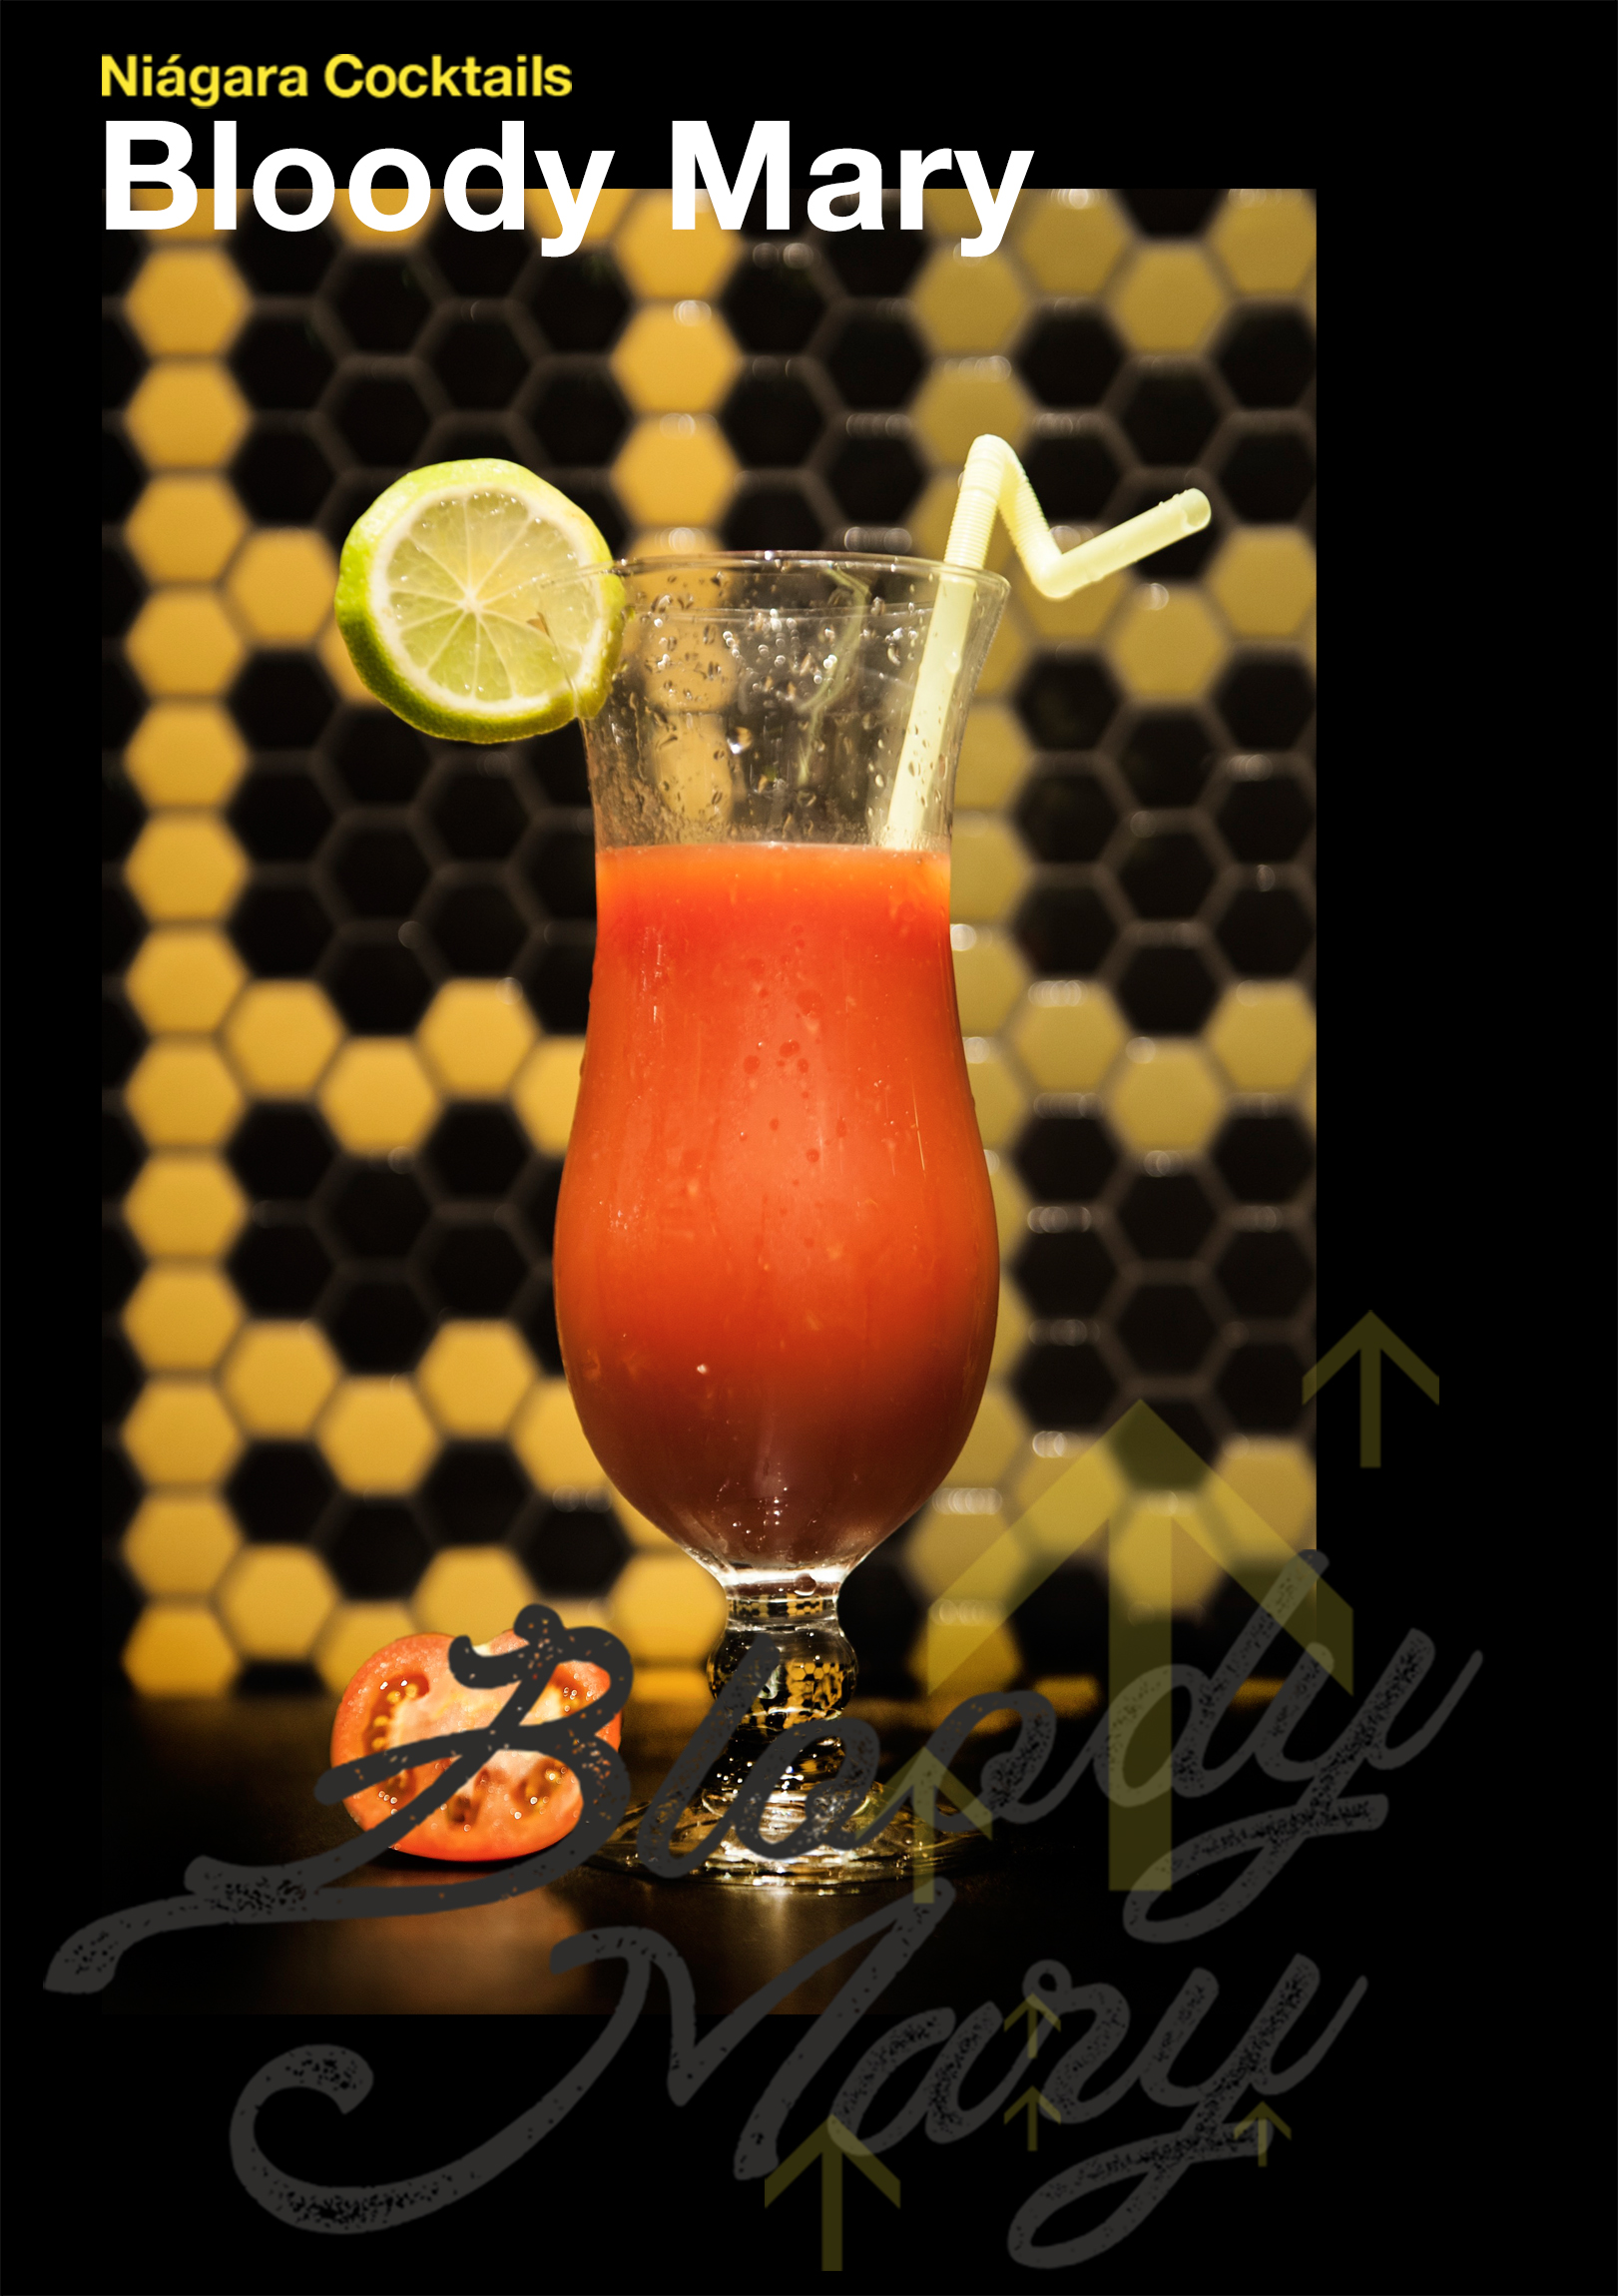 La Sanguinaria - Cóctel nacido en los años 20 de París, referencia con su nombre a la reina María I de Inglaterra, apodada la sanguinaria.El Bloody Mary es una de las cócteles más complejos, aunque también de los más conocidos. Ven a probarlo y tiembla de gusto.